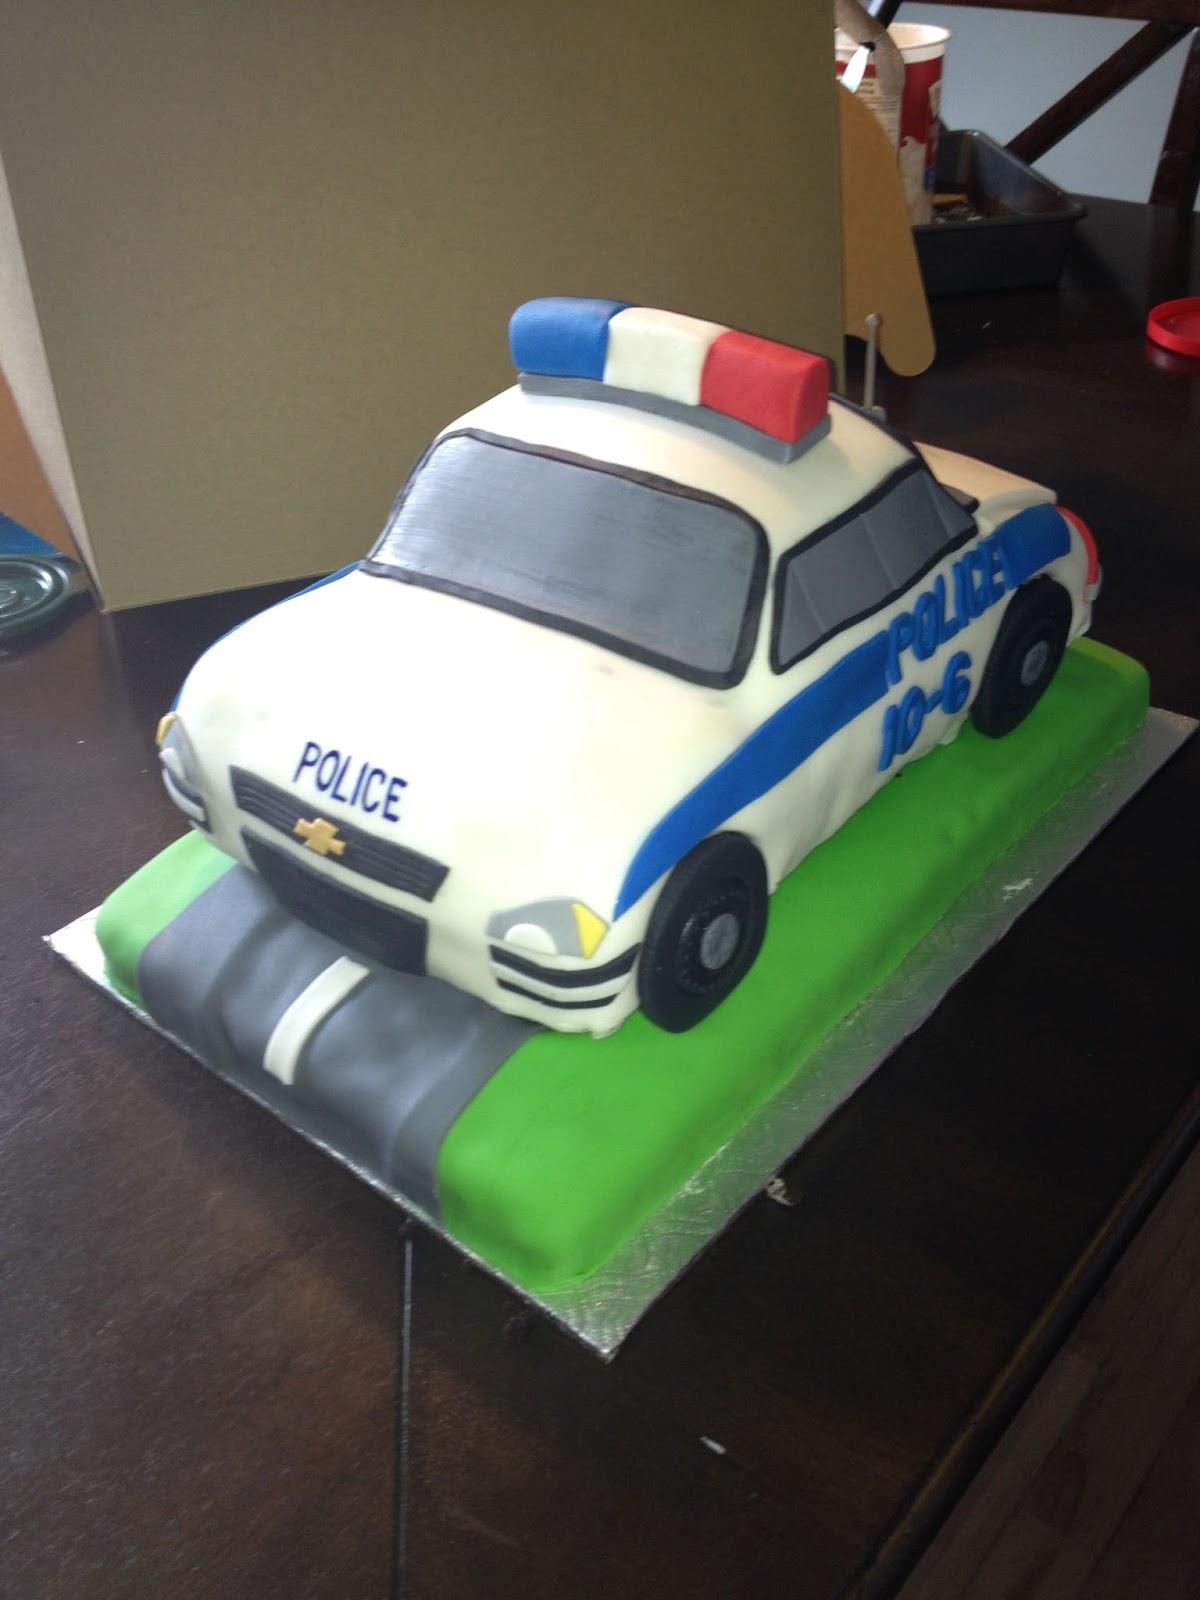 201 V 233 Nement Bon G 226 Teau Voiture De Police